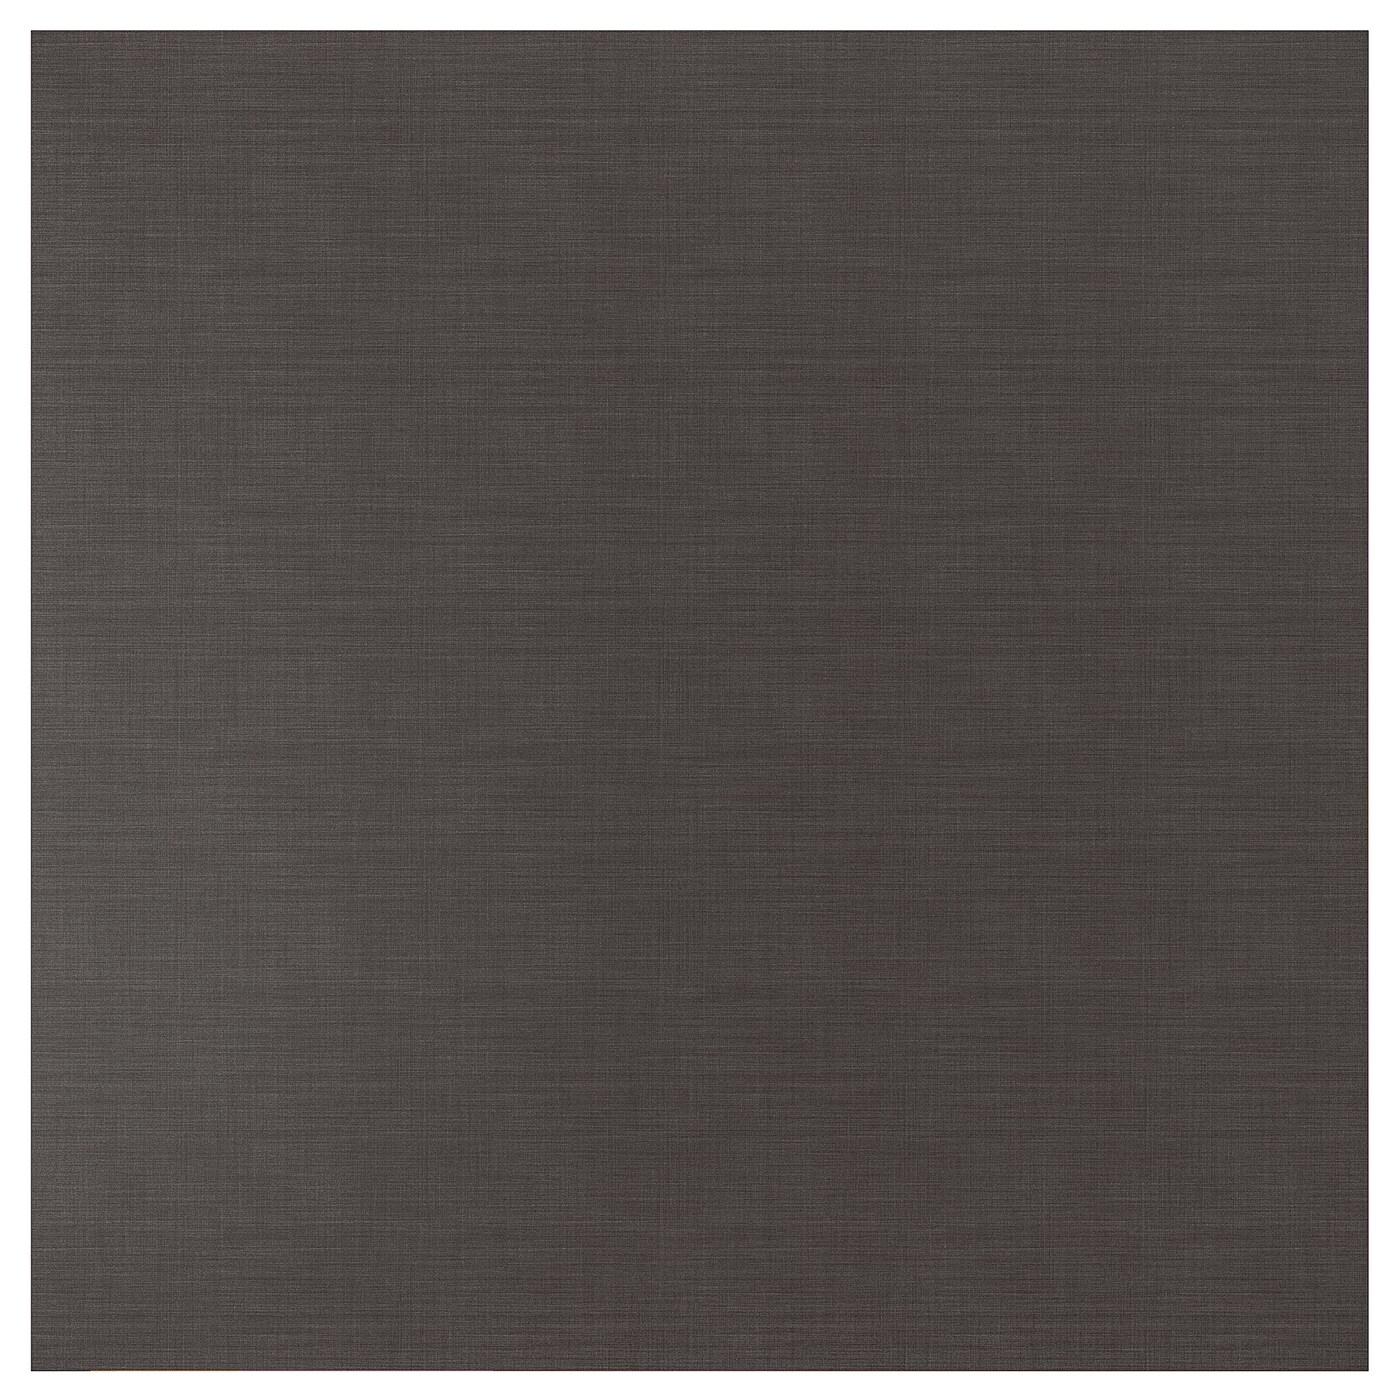 Tappeti Bagno Su Misura Torino sibbarp rivestimento da parete su misura - grigio scuro effetto lino,  laminato 1 m²x1.3 cm